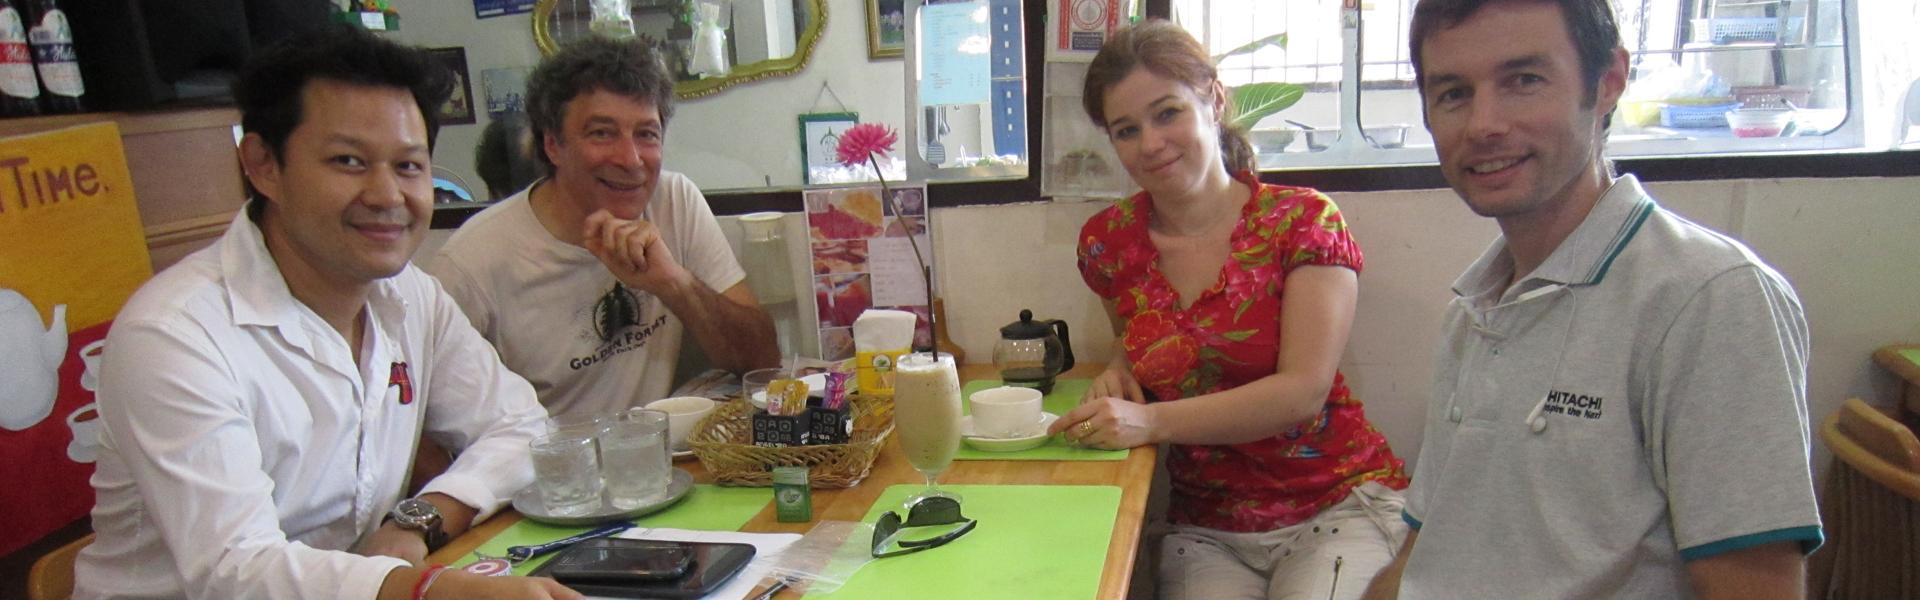 Combiner l'utile à l'agréable : Tarn nous reçoit dans son bureau à Bangkok lors d'un séjour en famille en Thaïlande avec Anne, Pierre, Junthana & Clément (clin d'œil qui remonte à 2013).